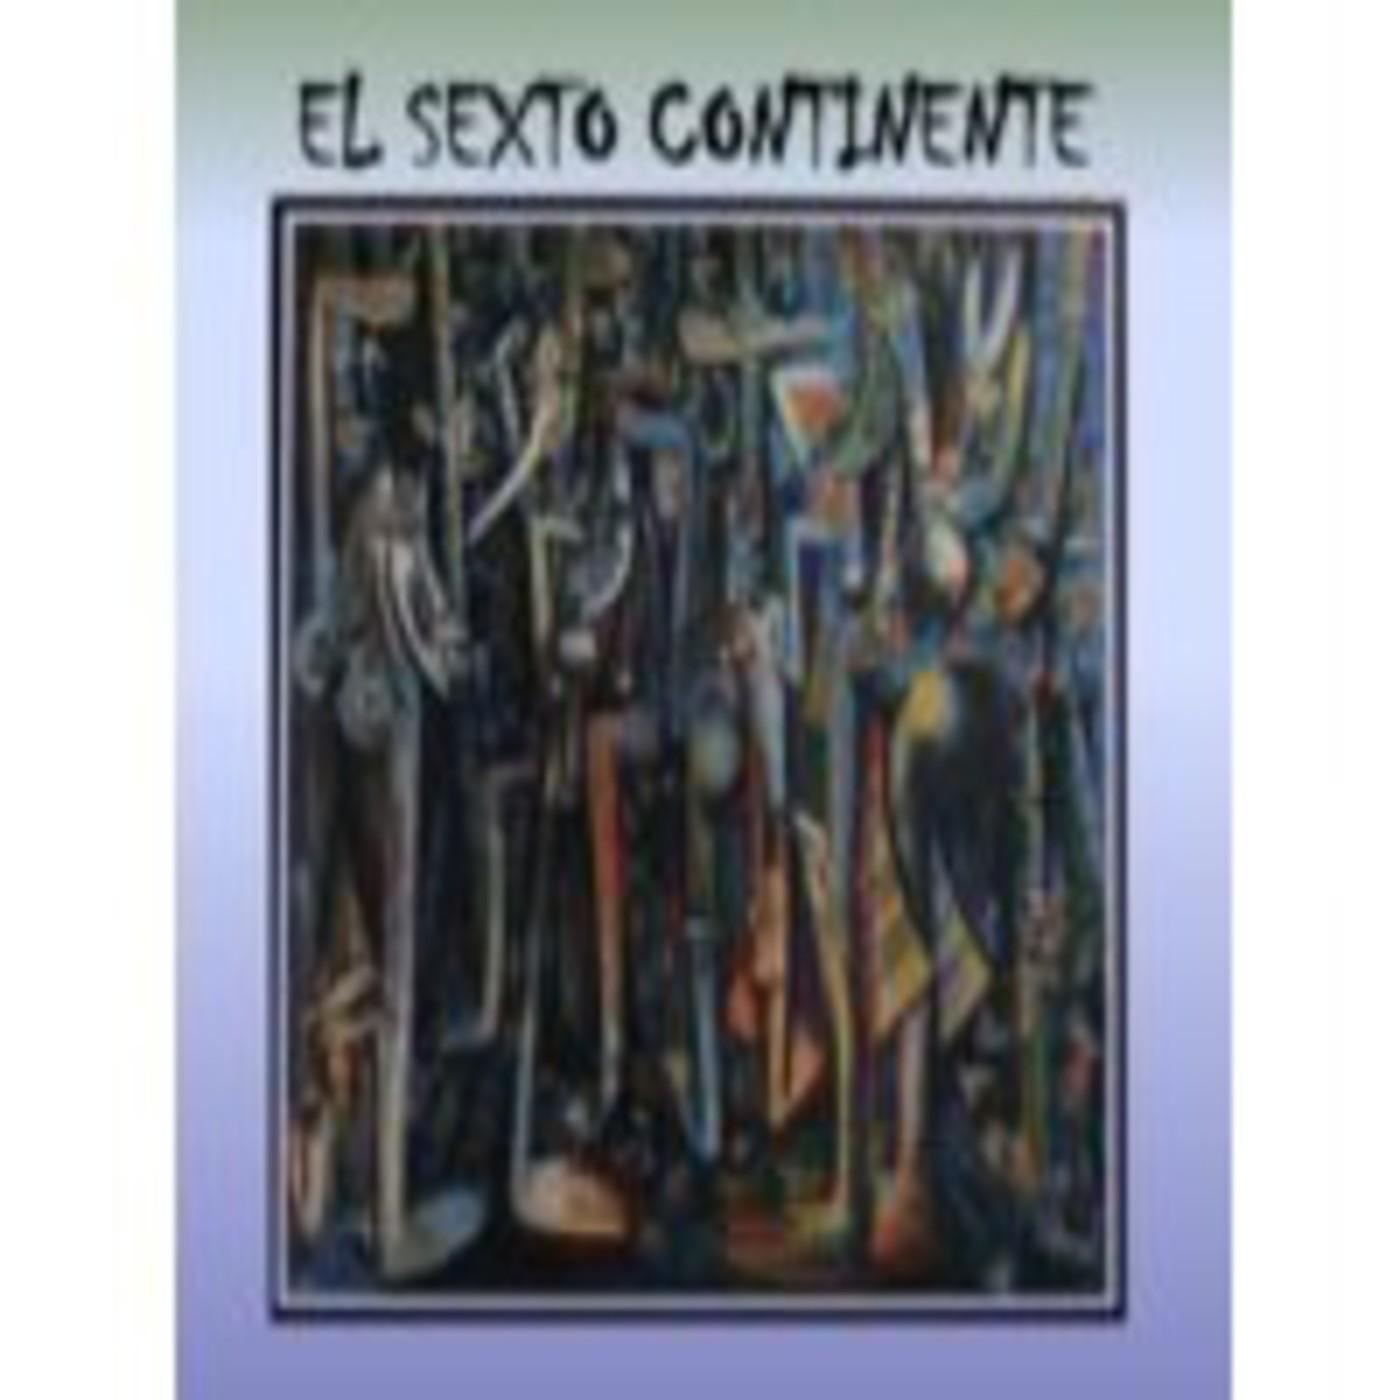 Podcast El Sexto Continente